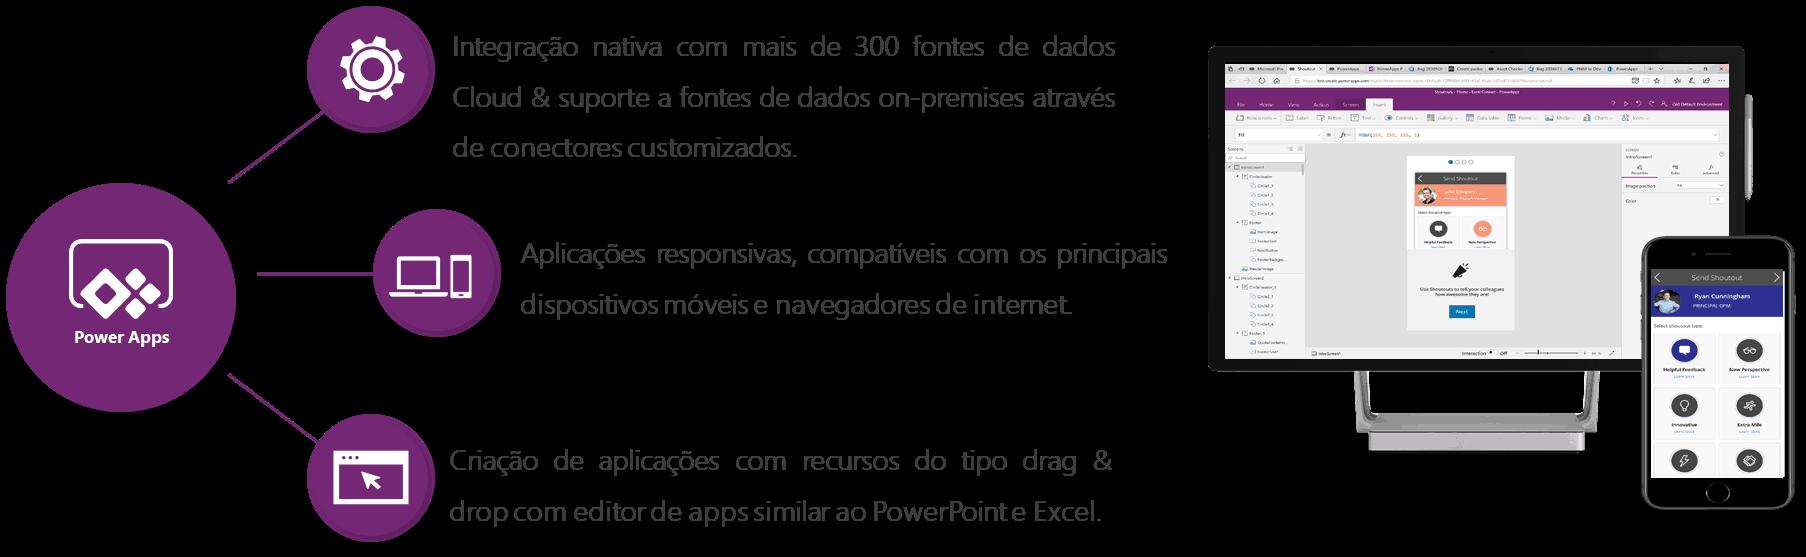 Funcionalidades do Power Apps